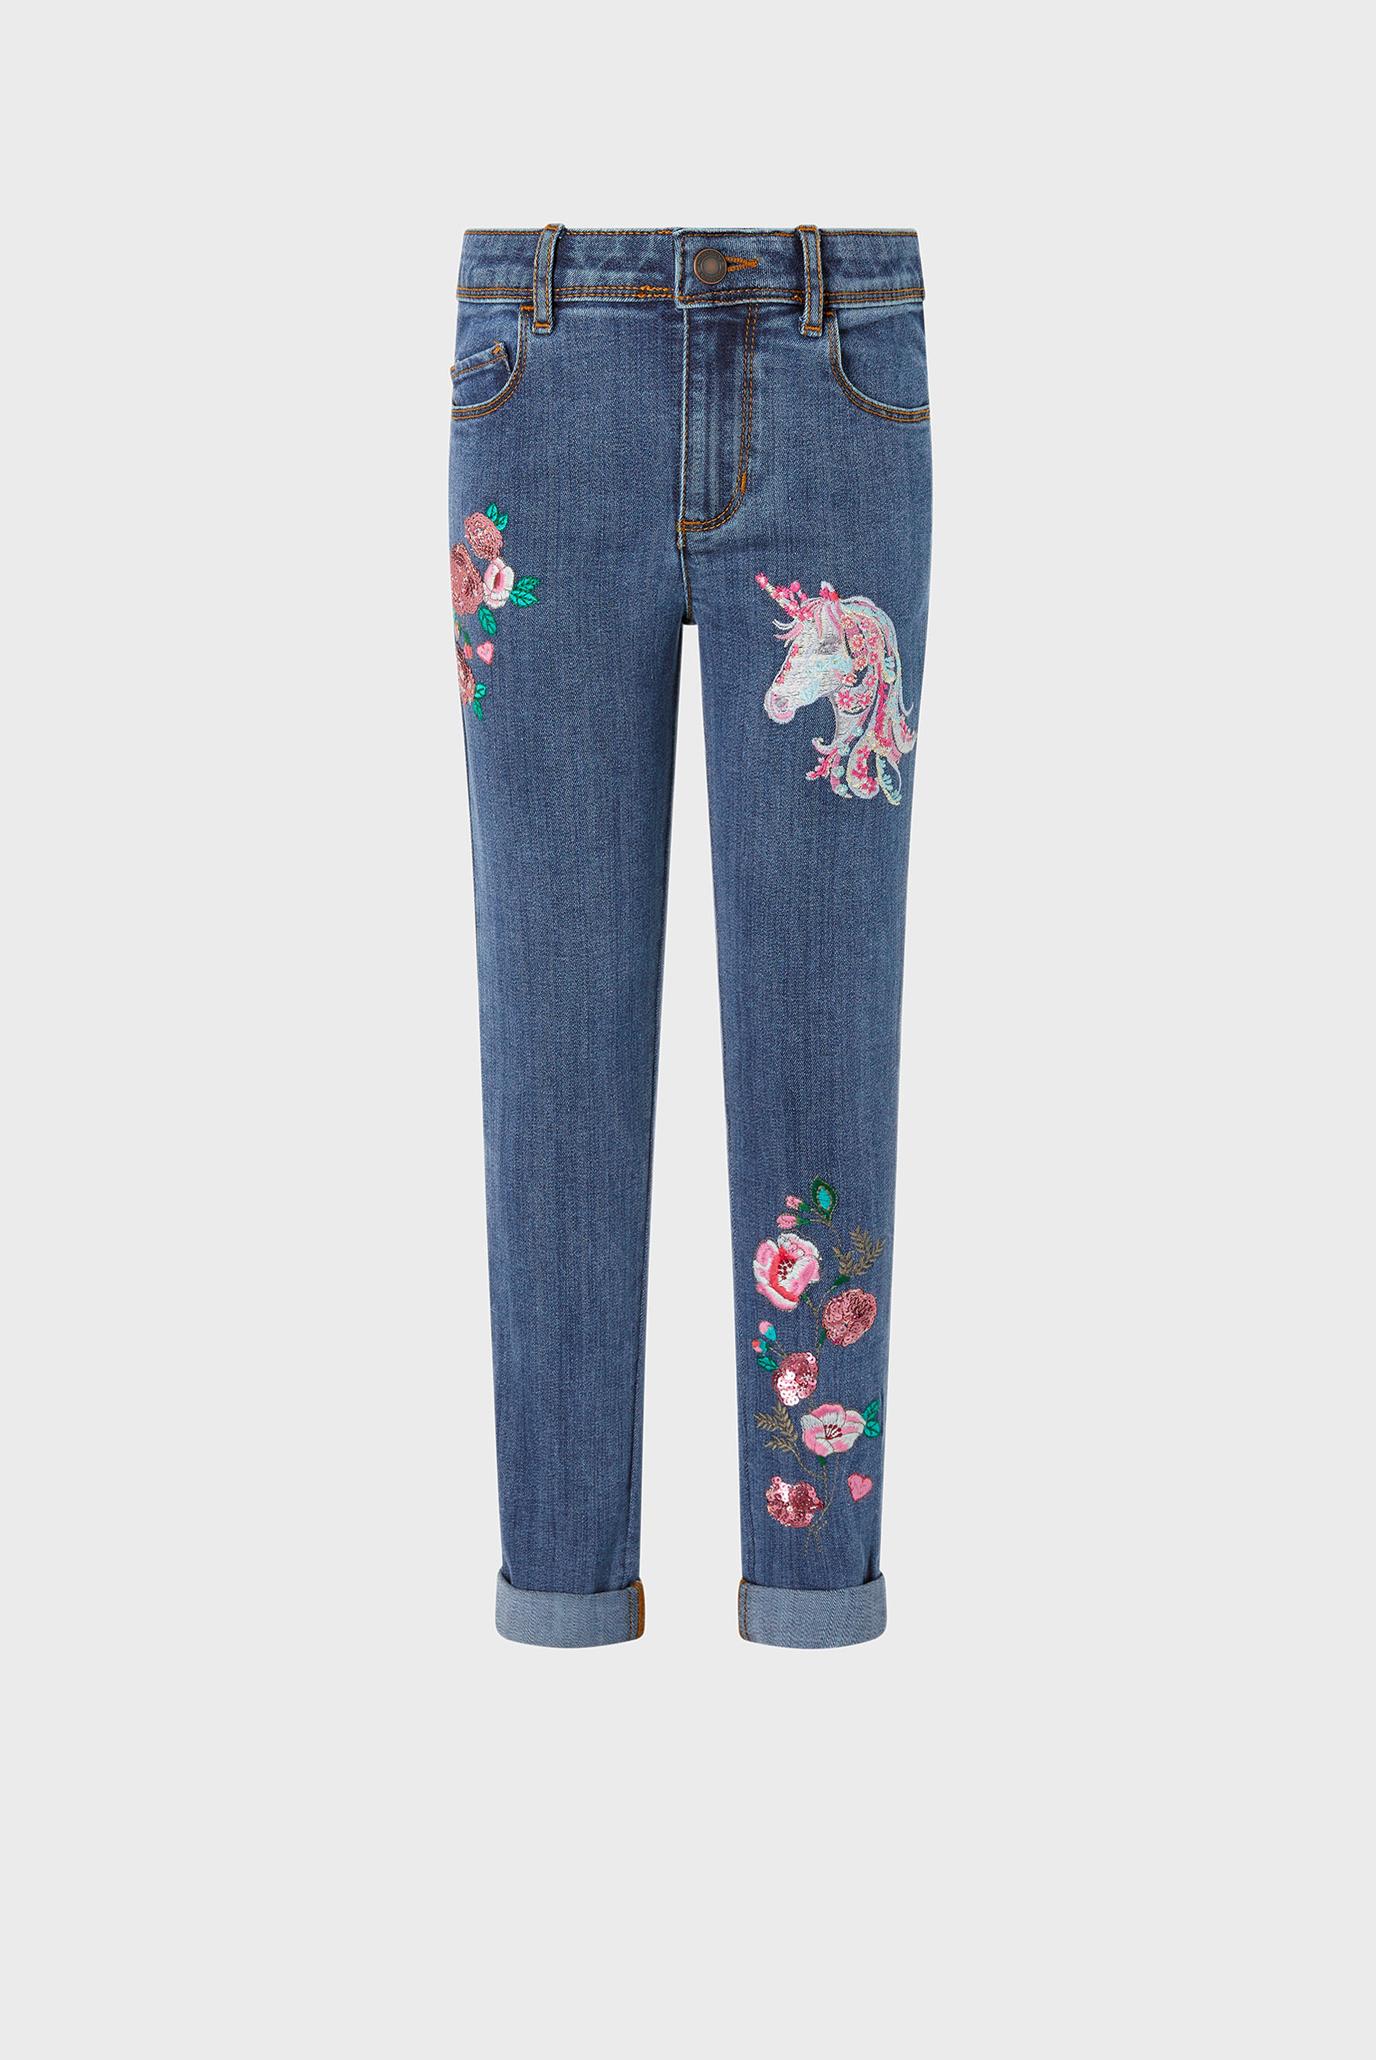 Дитячі сині джинси ELIZA UNICORN JEAN 1